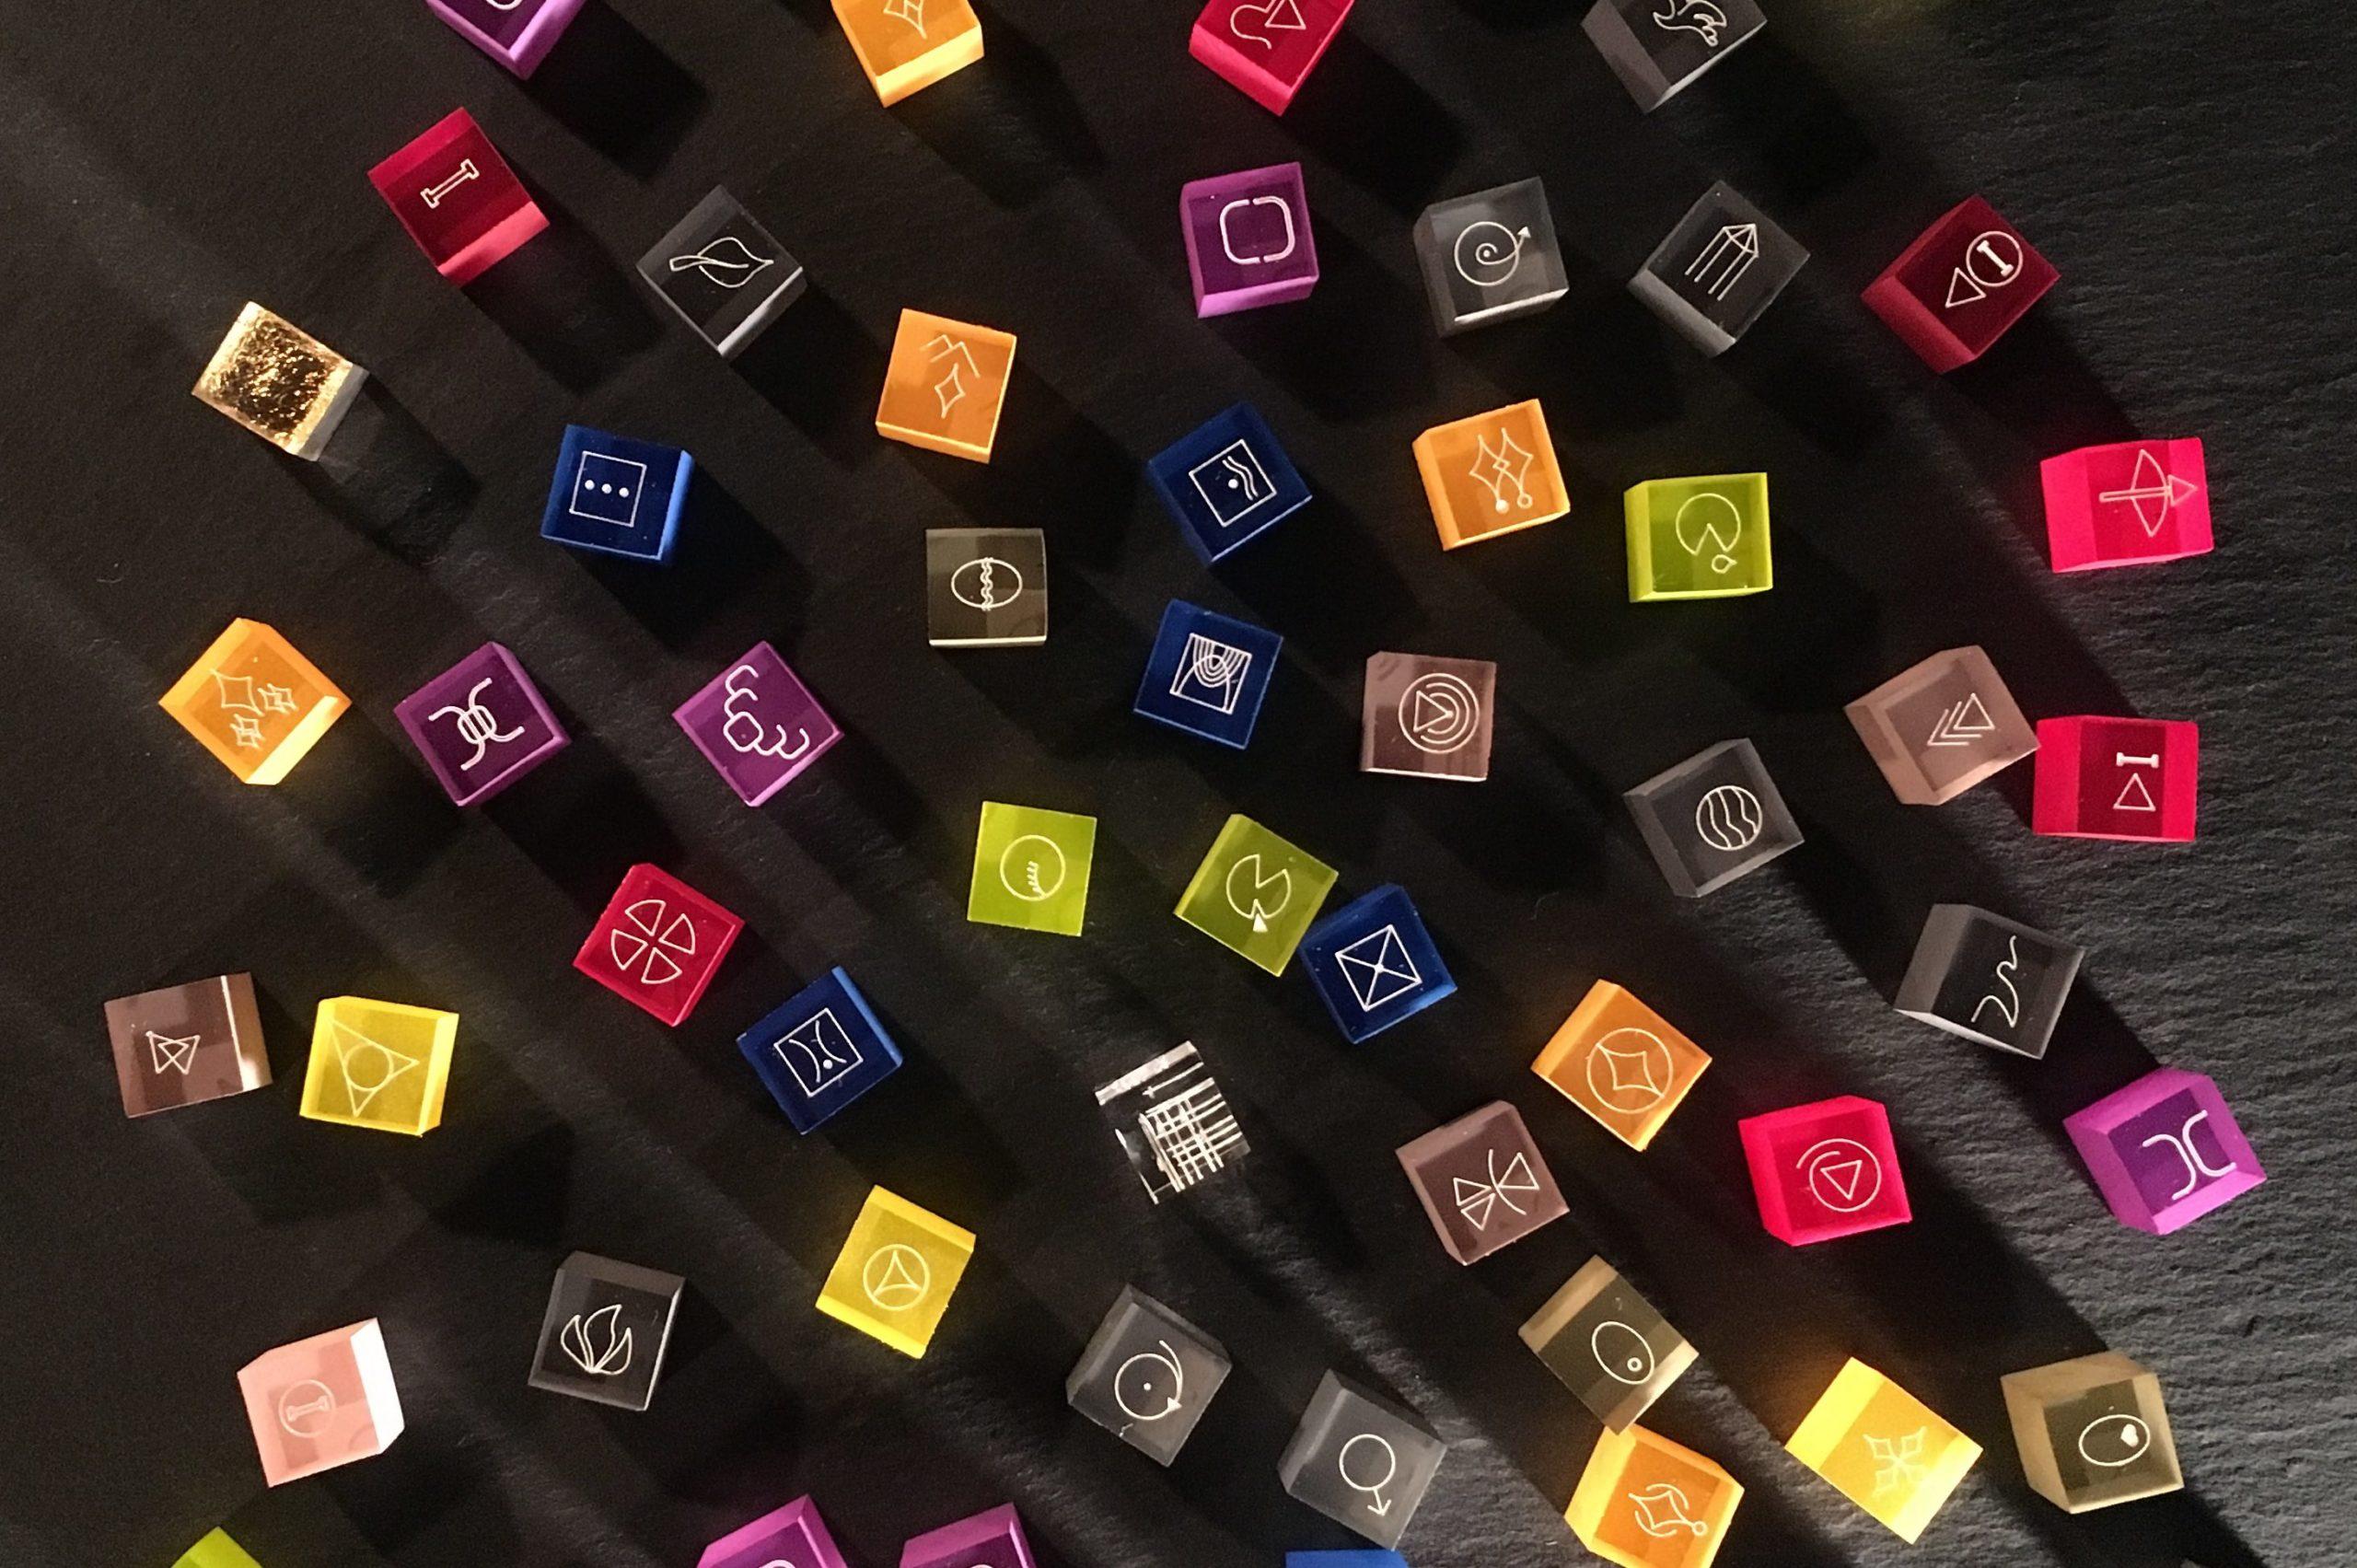 problemPlay-Steine ausgebreitet auf dunkler Platter